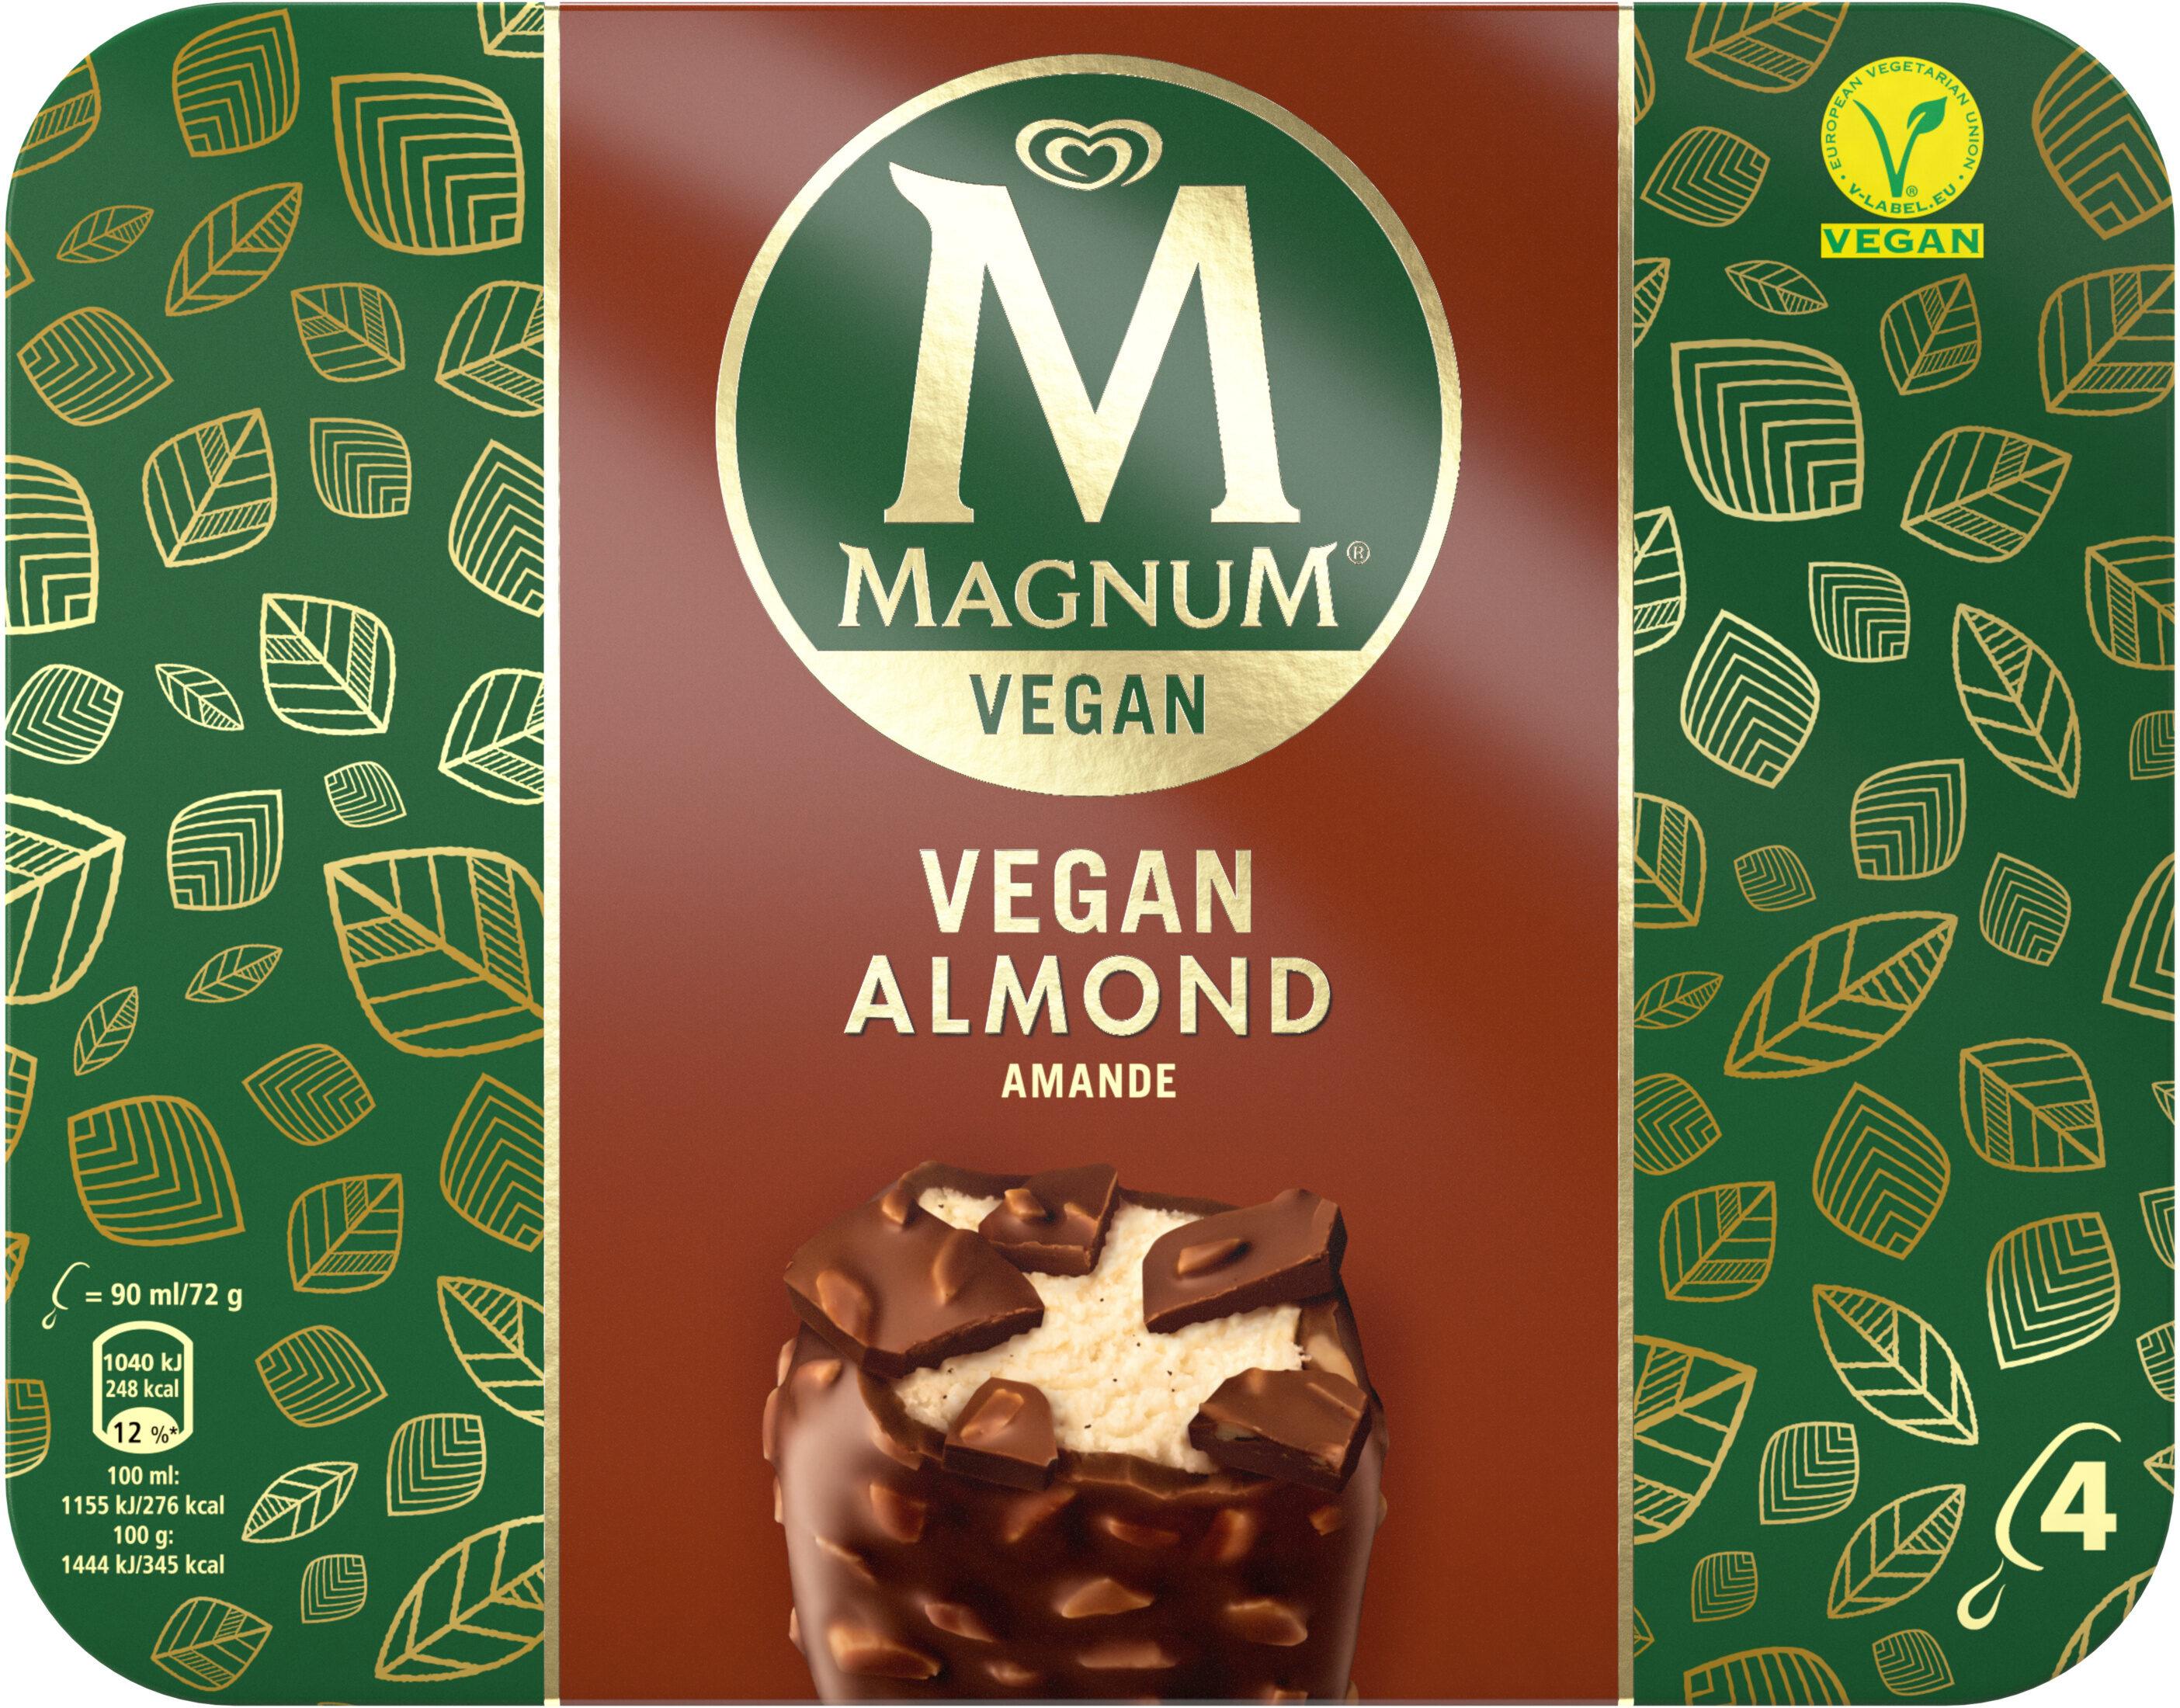 Magnum Vegan Almond - Produit - fr